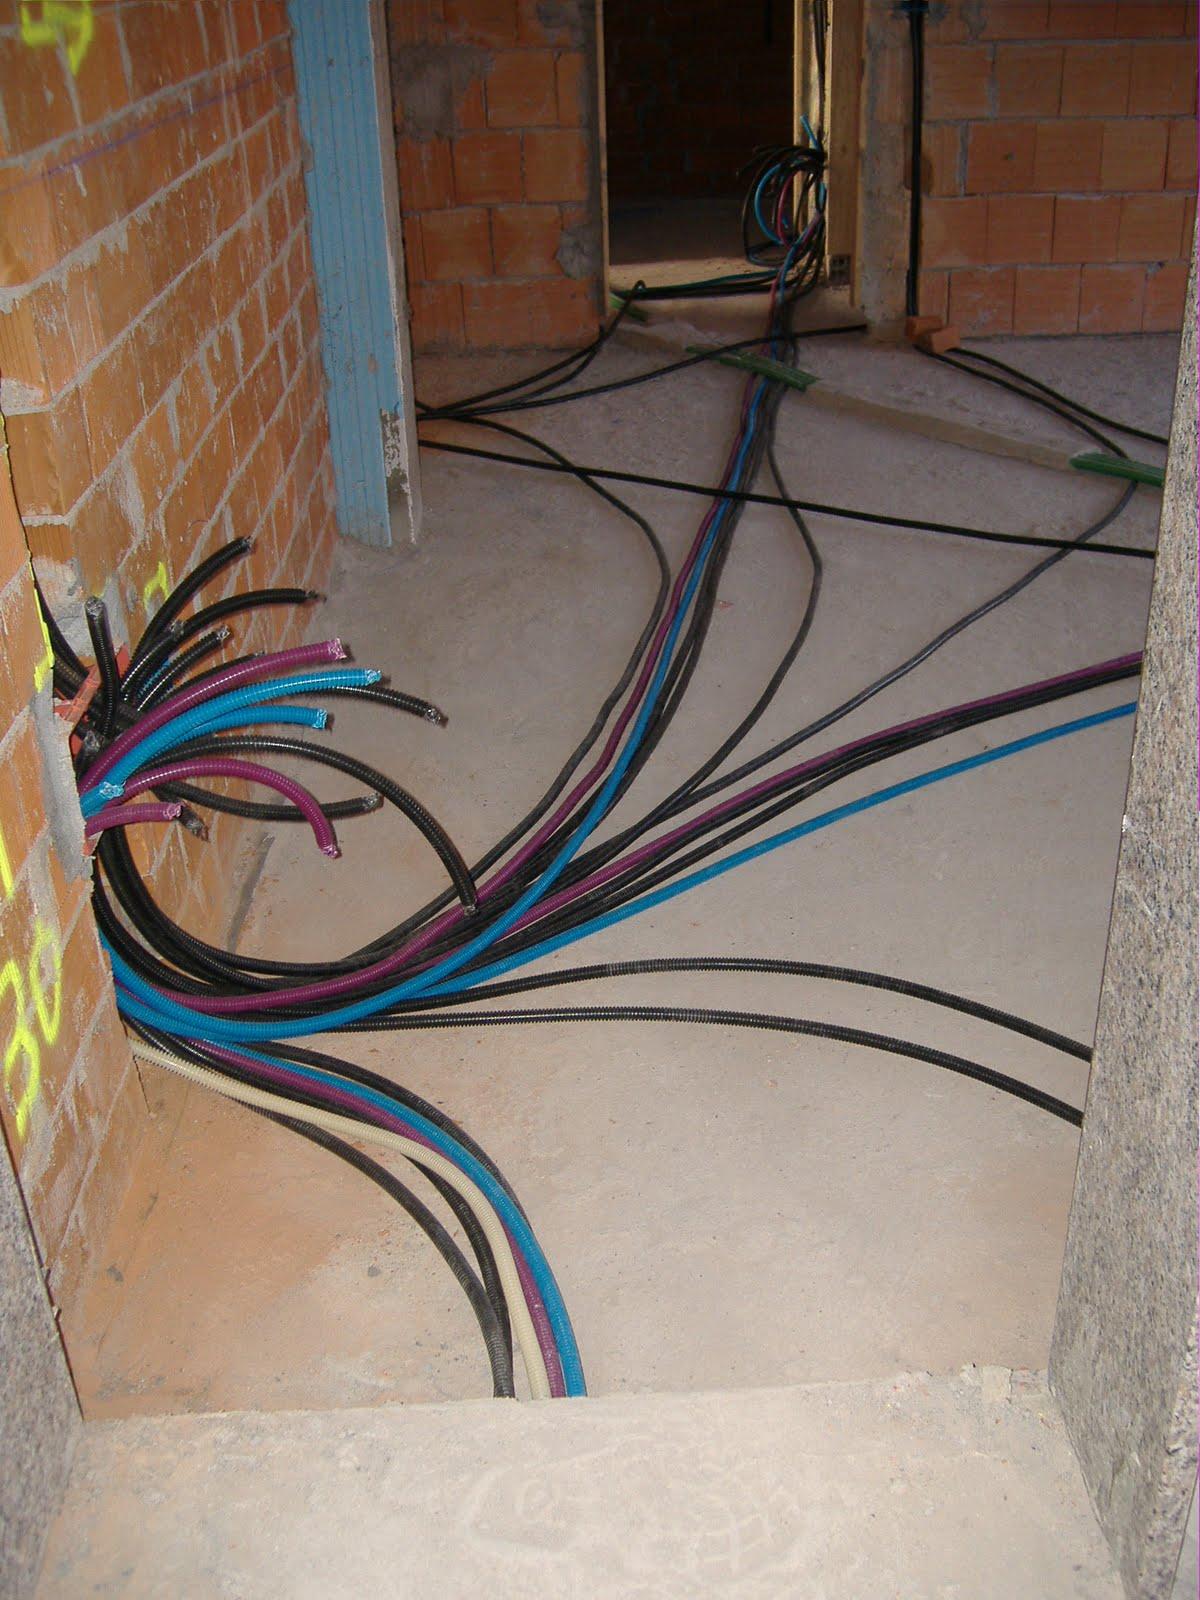 http://4.bp.blogspot.com/_4Qil_LVAs-M/TJHOdpf6nMI/AAAAAAAAAiI/a7jZchmWVNQ/s1600/impianti+elettrici.jpg